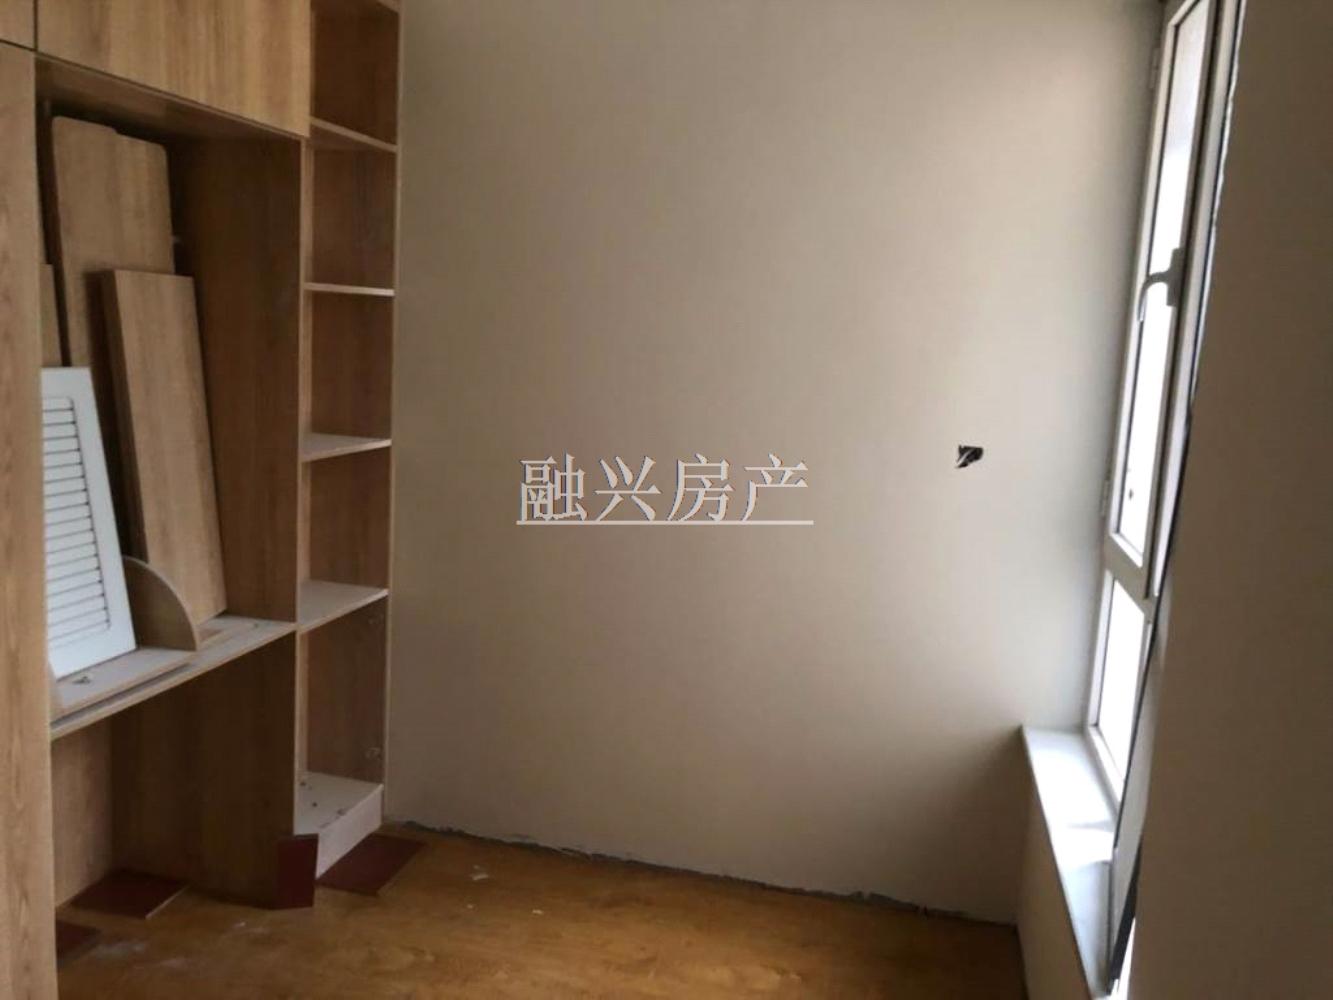 东阳城1楼88平 车库改水电暖气 精装双证89万